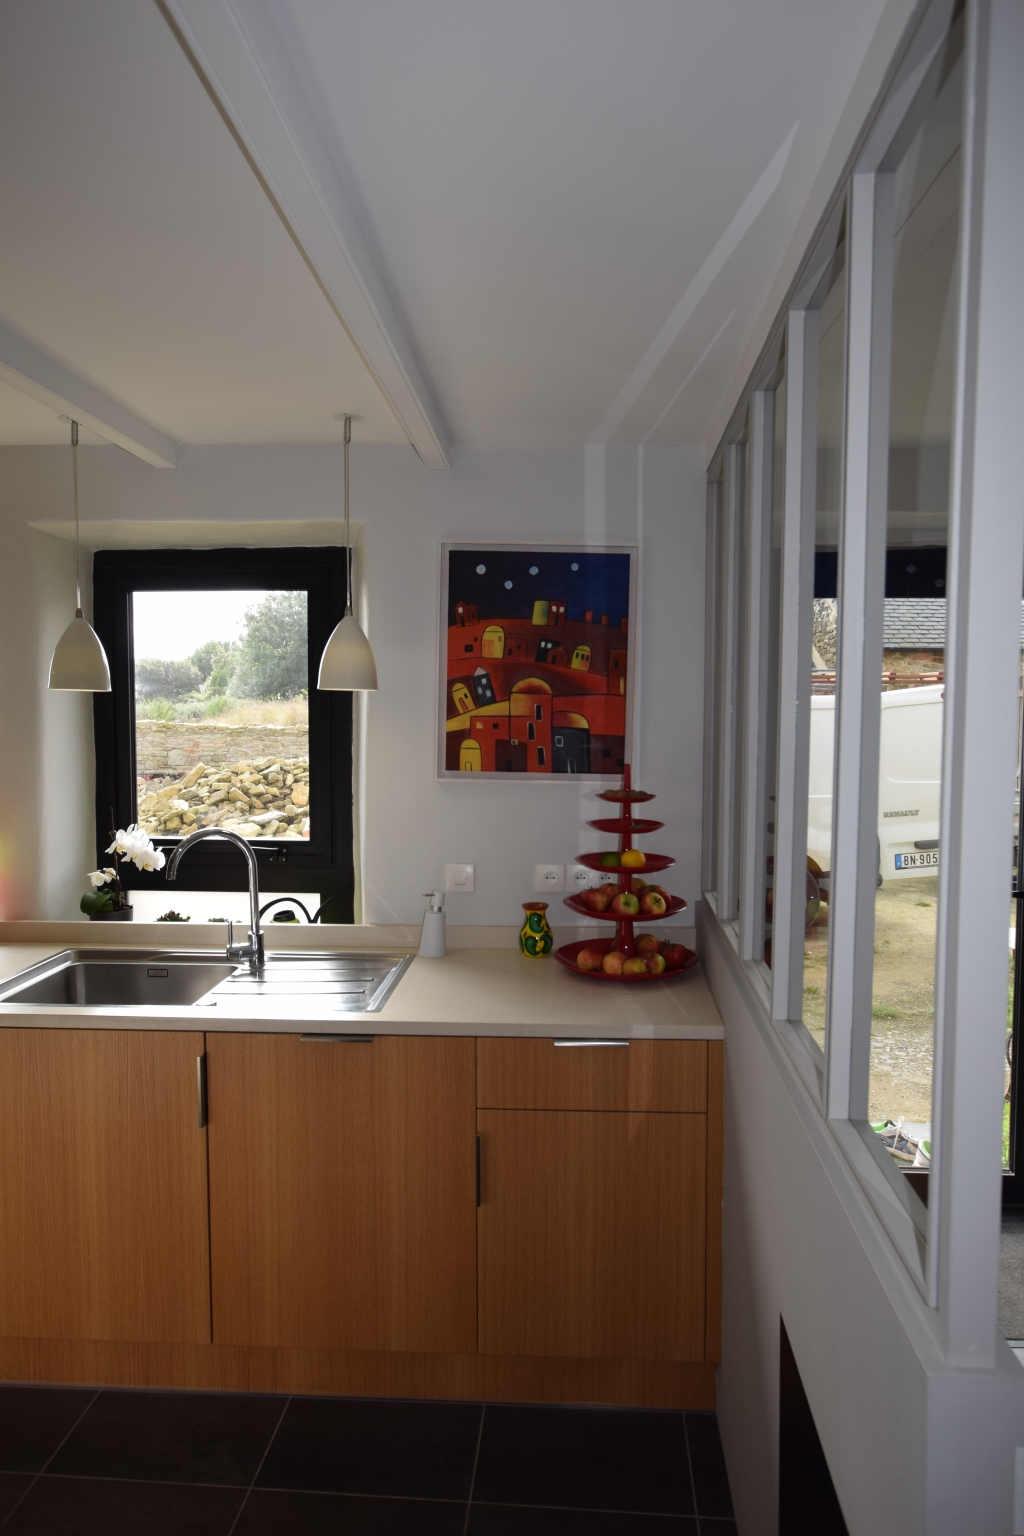 cuisine moderne à brest au-conquet plouzané le relecq-kerhuon plougastel guipavas saint-renan dans le finistère